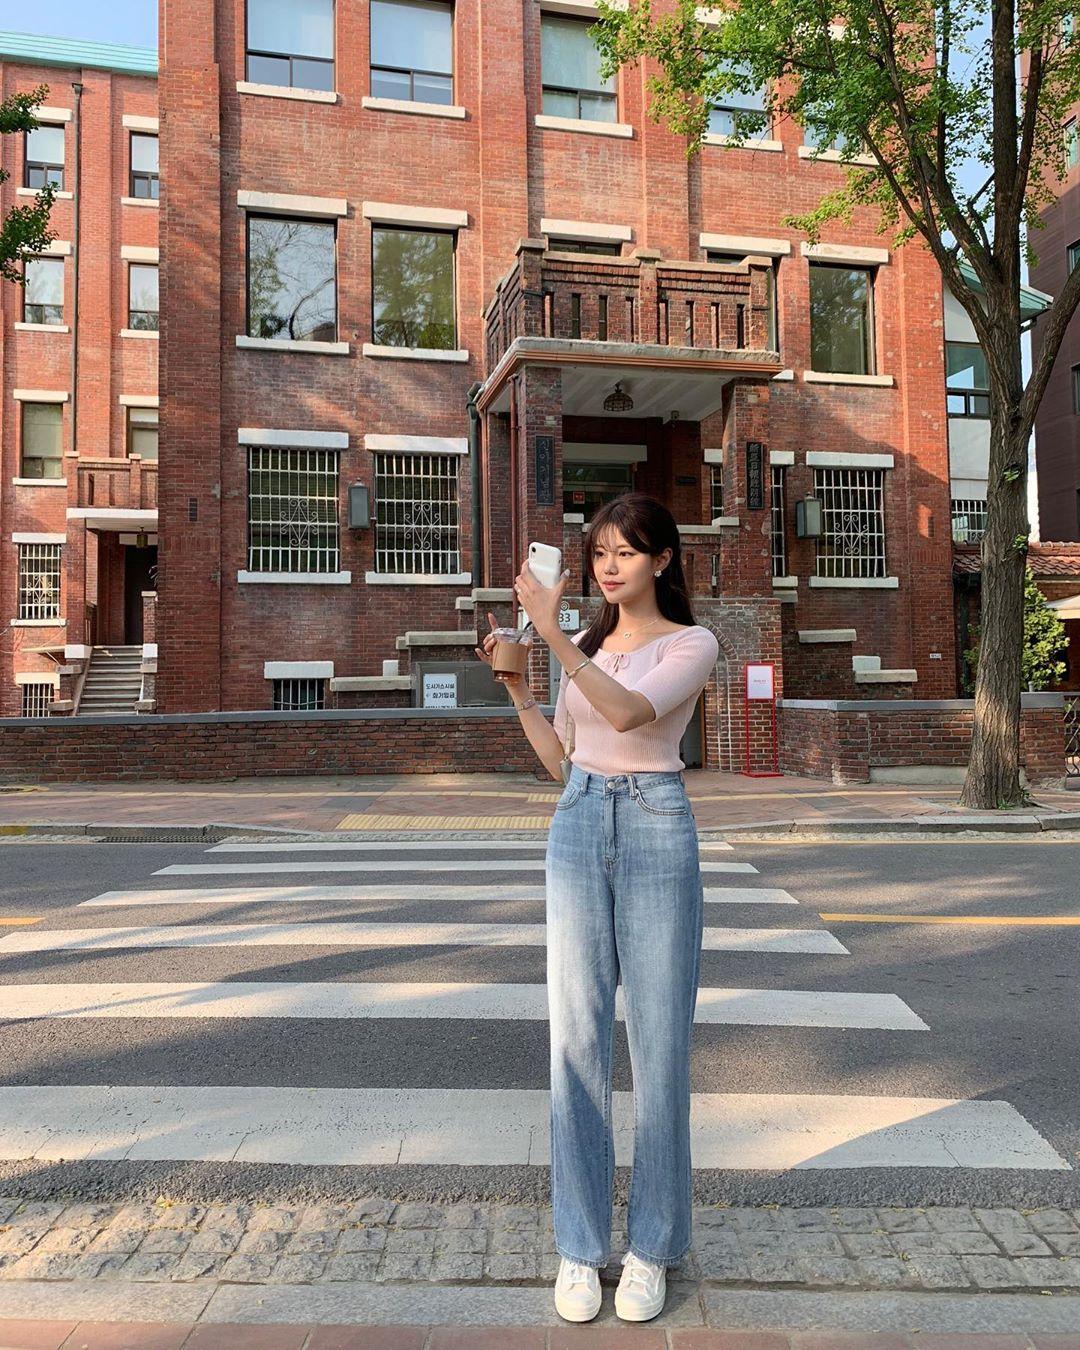 Mê quần jeans nhưng sợ phát ngốt vì nắng hè, chị em cứ nhắm trúng 4 kiểu dáng thoải mái sau mà diện - Ảnh 8